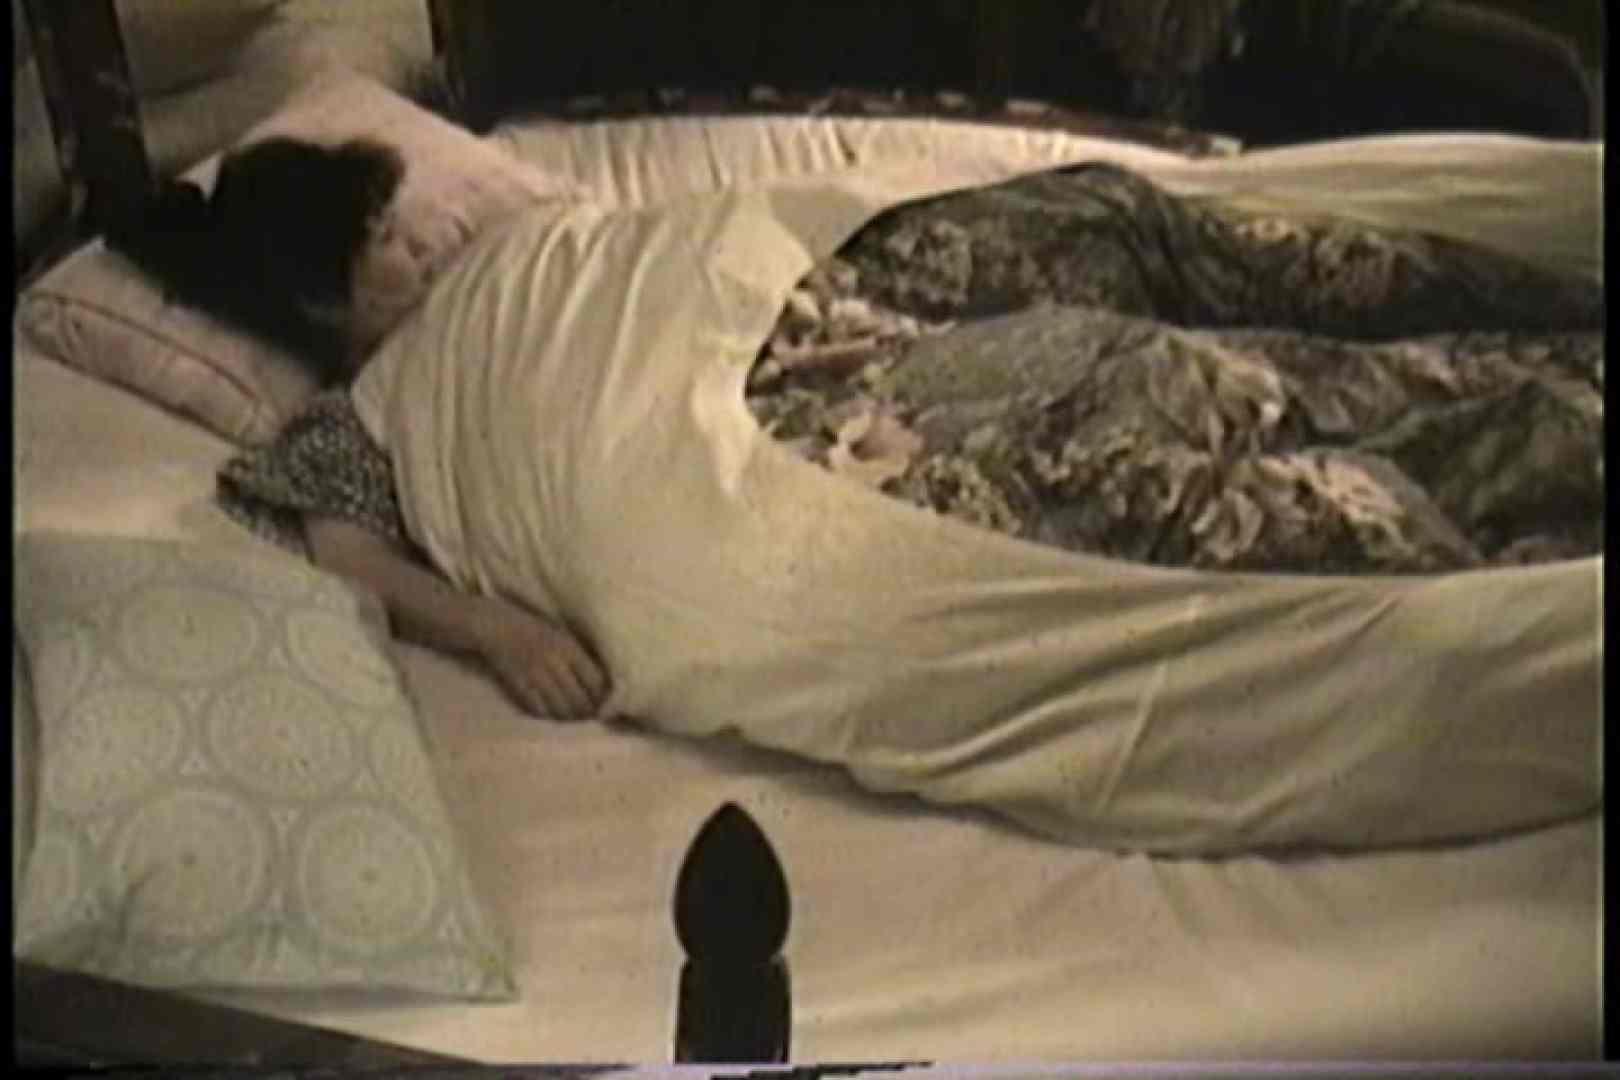 実録!ラブホテル~消し忘れ注意!昭和の色編~ vol.21 OL女体 ヌード画像 108連発 23